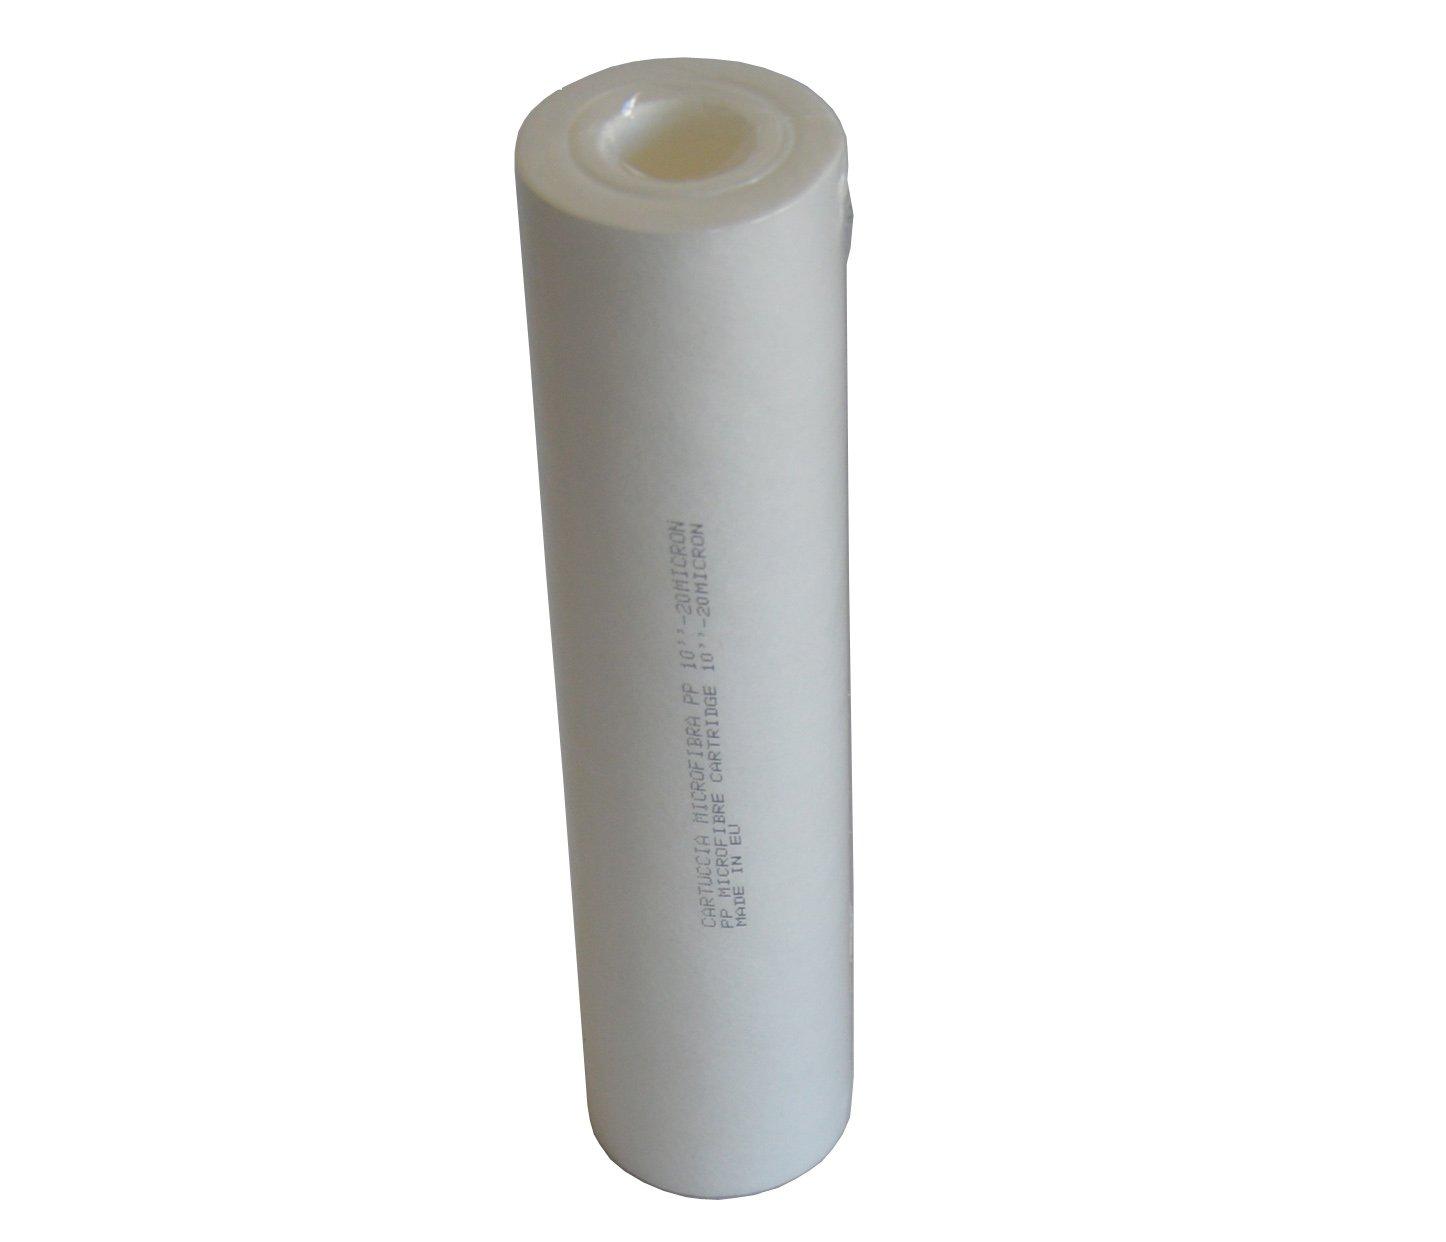 Biowater Cartouche pour filtre à eau 10'' (25,4cm) 20microns